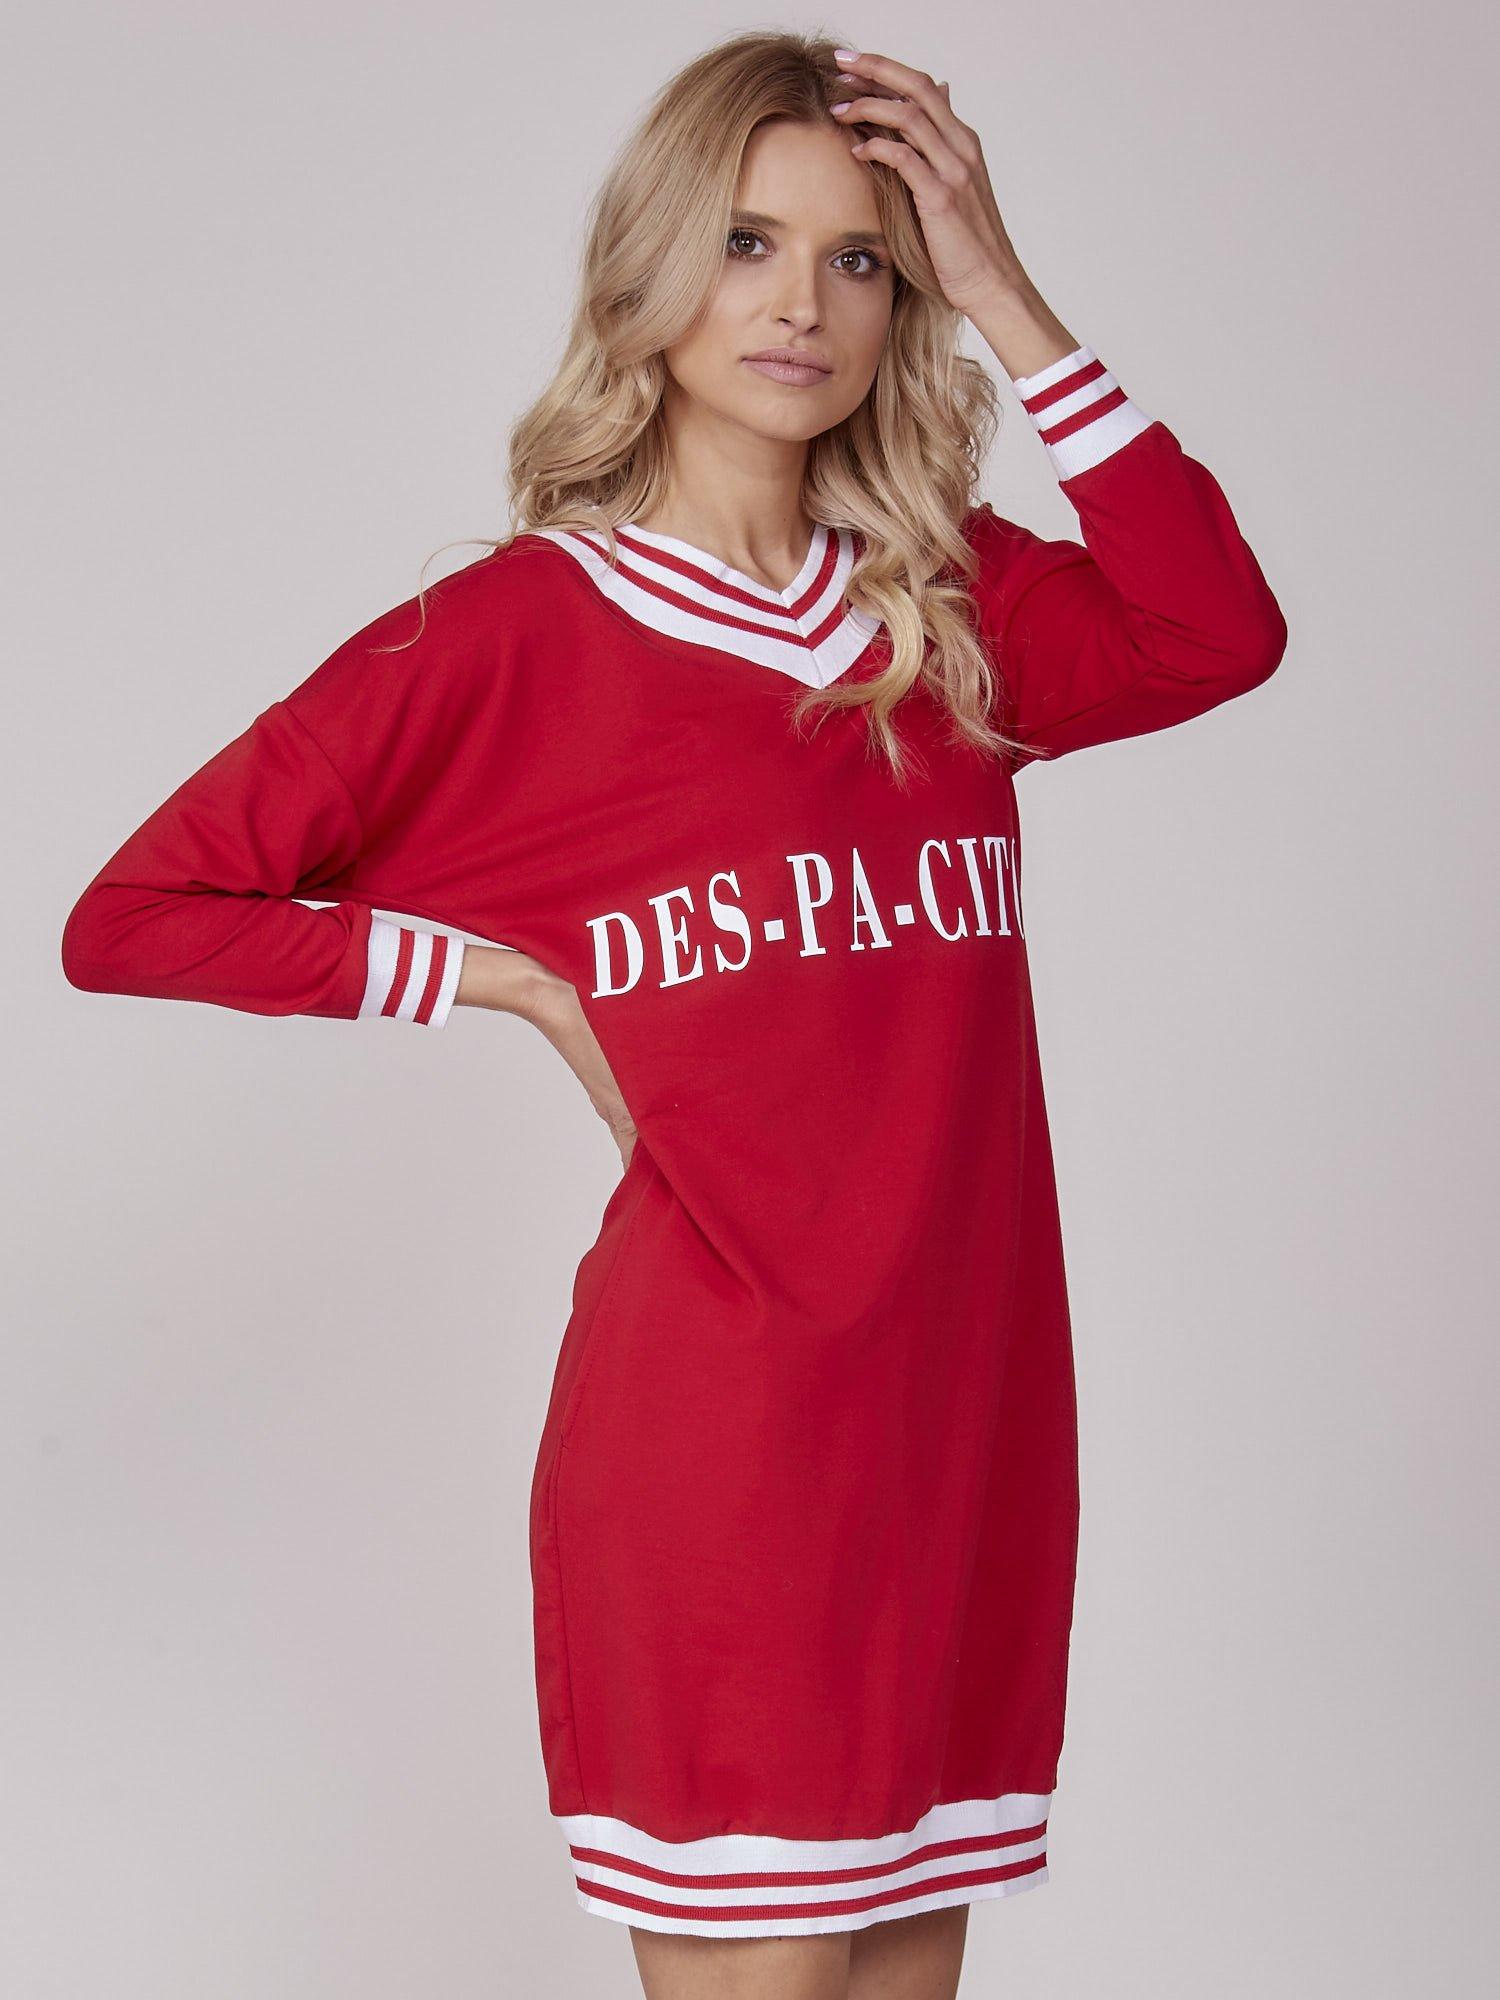 3422b8b4462790 Sukienka damska z napisem DES-PA-CITO czerwona - Sukienka sportowa /  dresowa - sklep eButik.pl